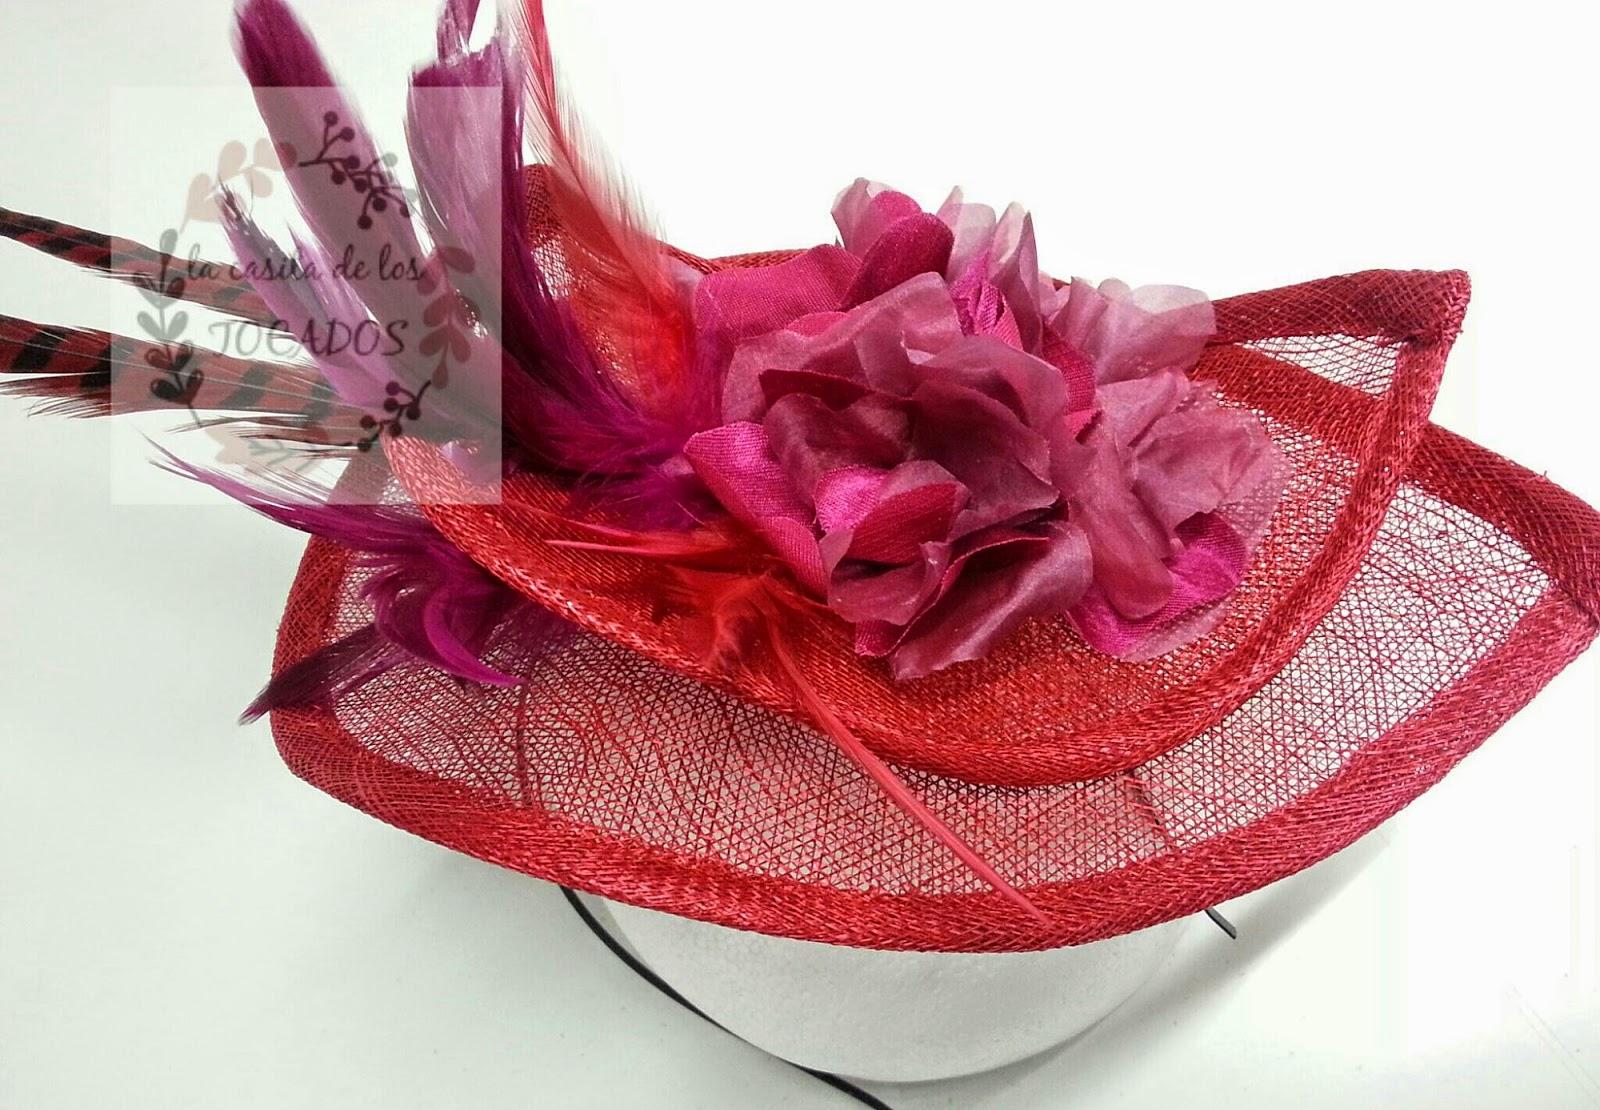 tocado artesanal para boda con base doble de sinamay con forma de lágrima en color rojo y plumas y flor en rojo y buganvilla